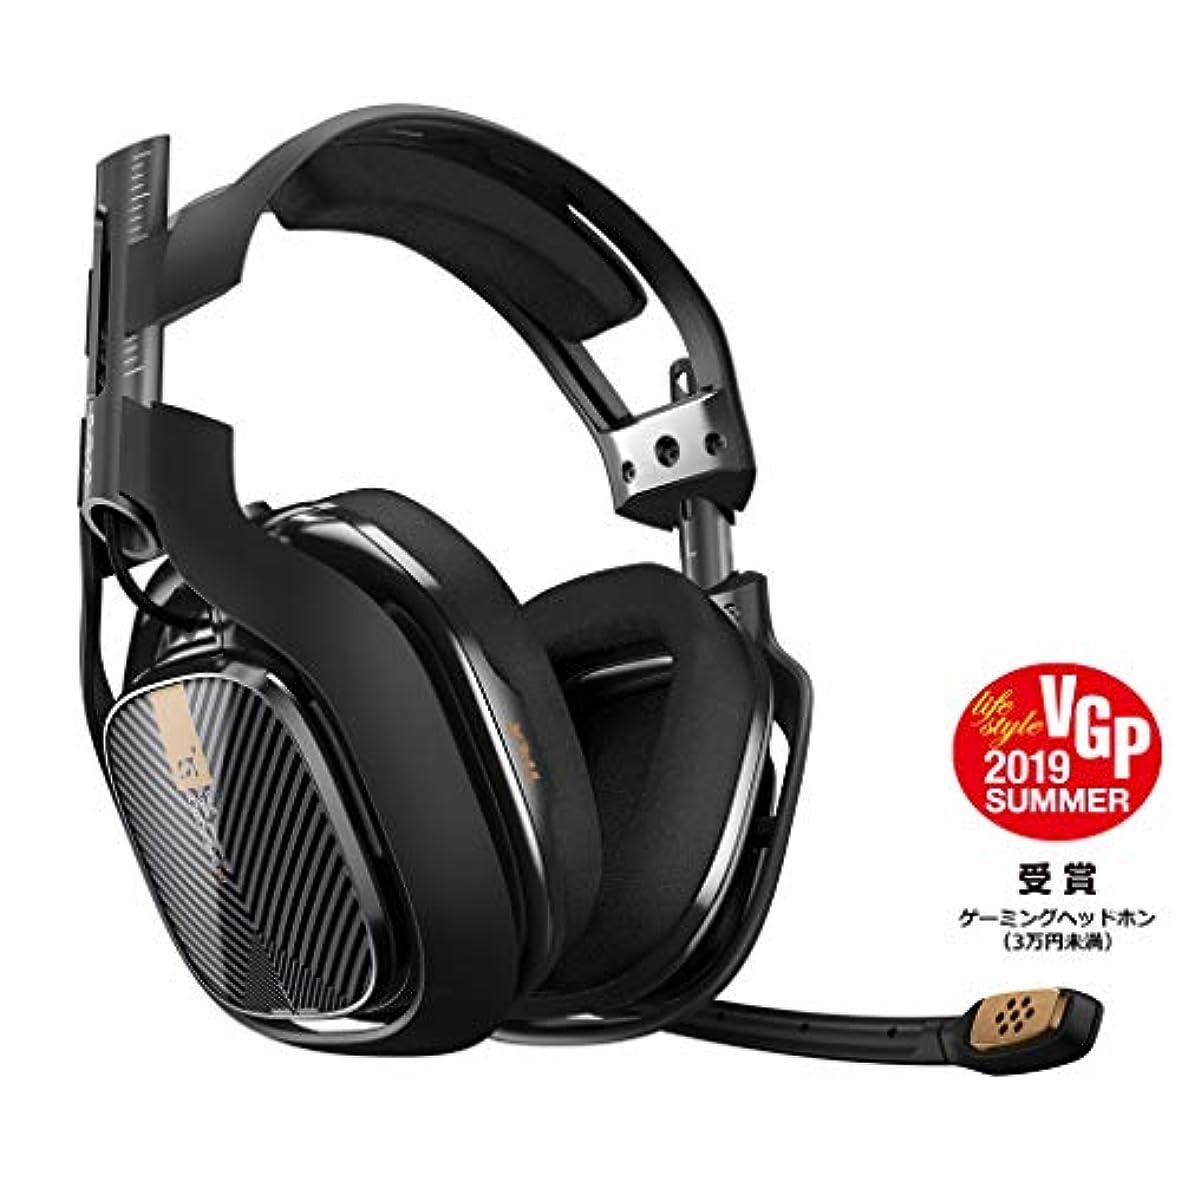 ゾーン習熟度手配するAstro ゲーミングヘッドセット PS4 対応 A40TR-PCBK ブラック ヘッドセット 有線 Dolby  7.1ch 3.5mm usb A40 TR PS4/PC/Xbox/Switch/スマホ 国内正規品 2年間メーカー保証